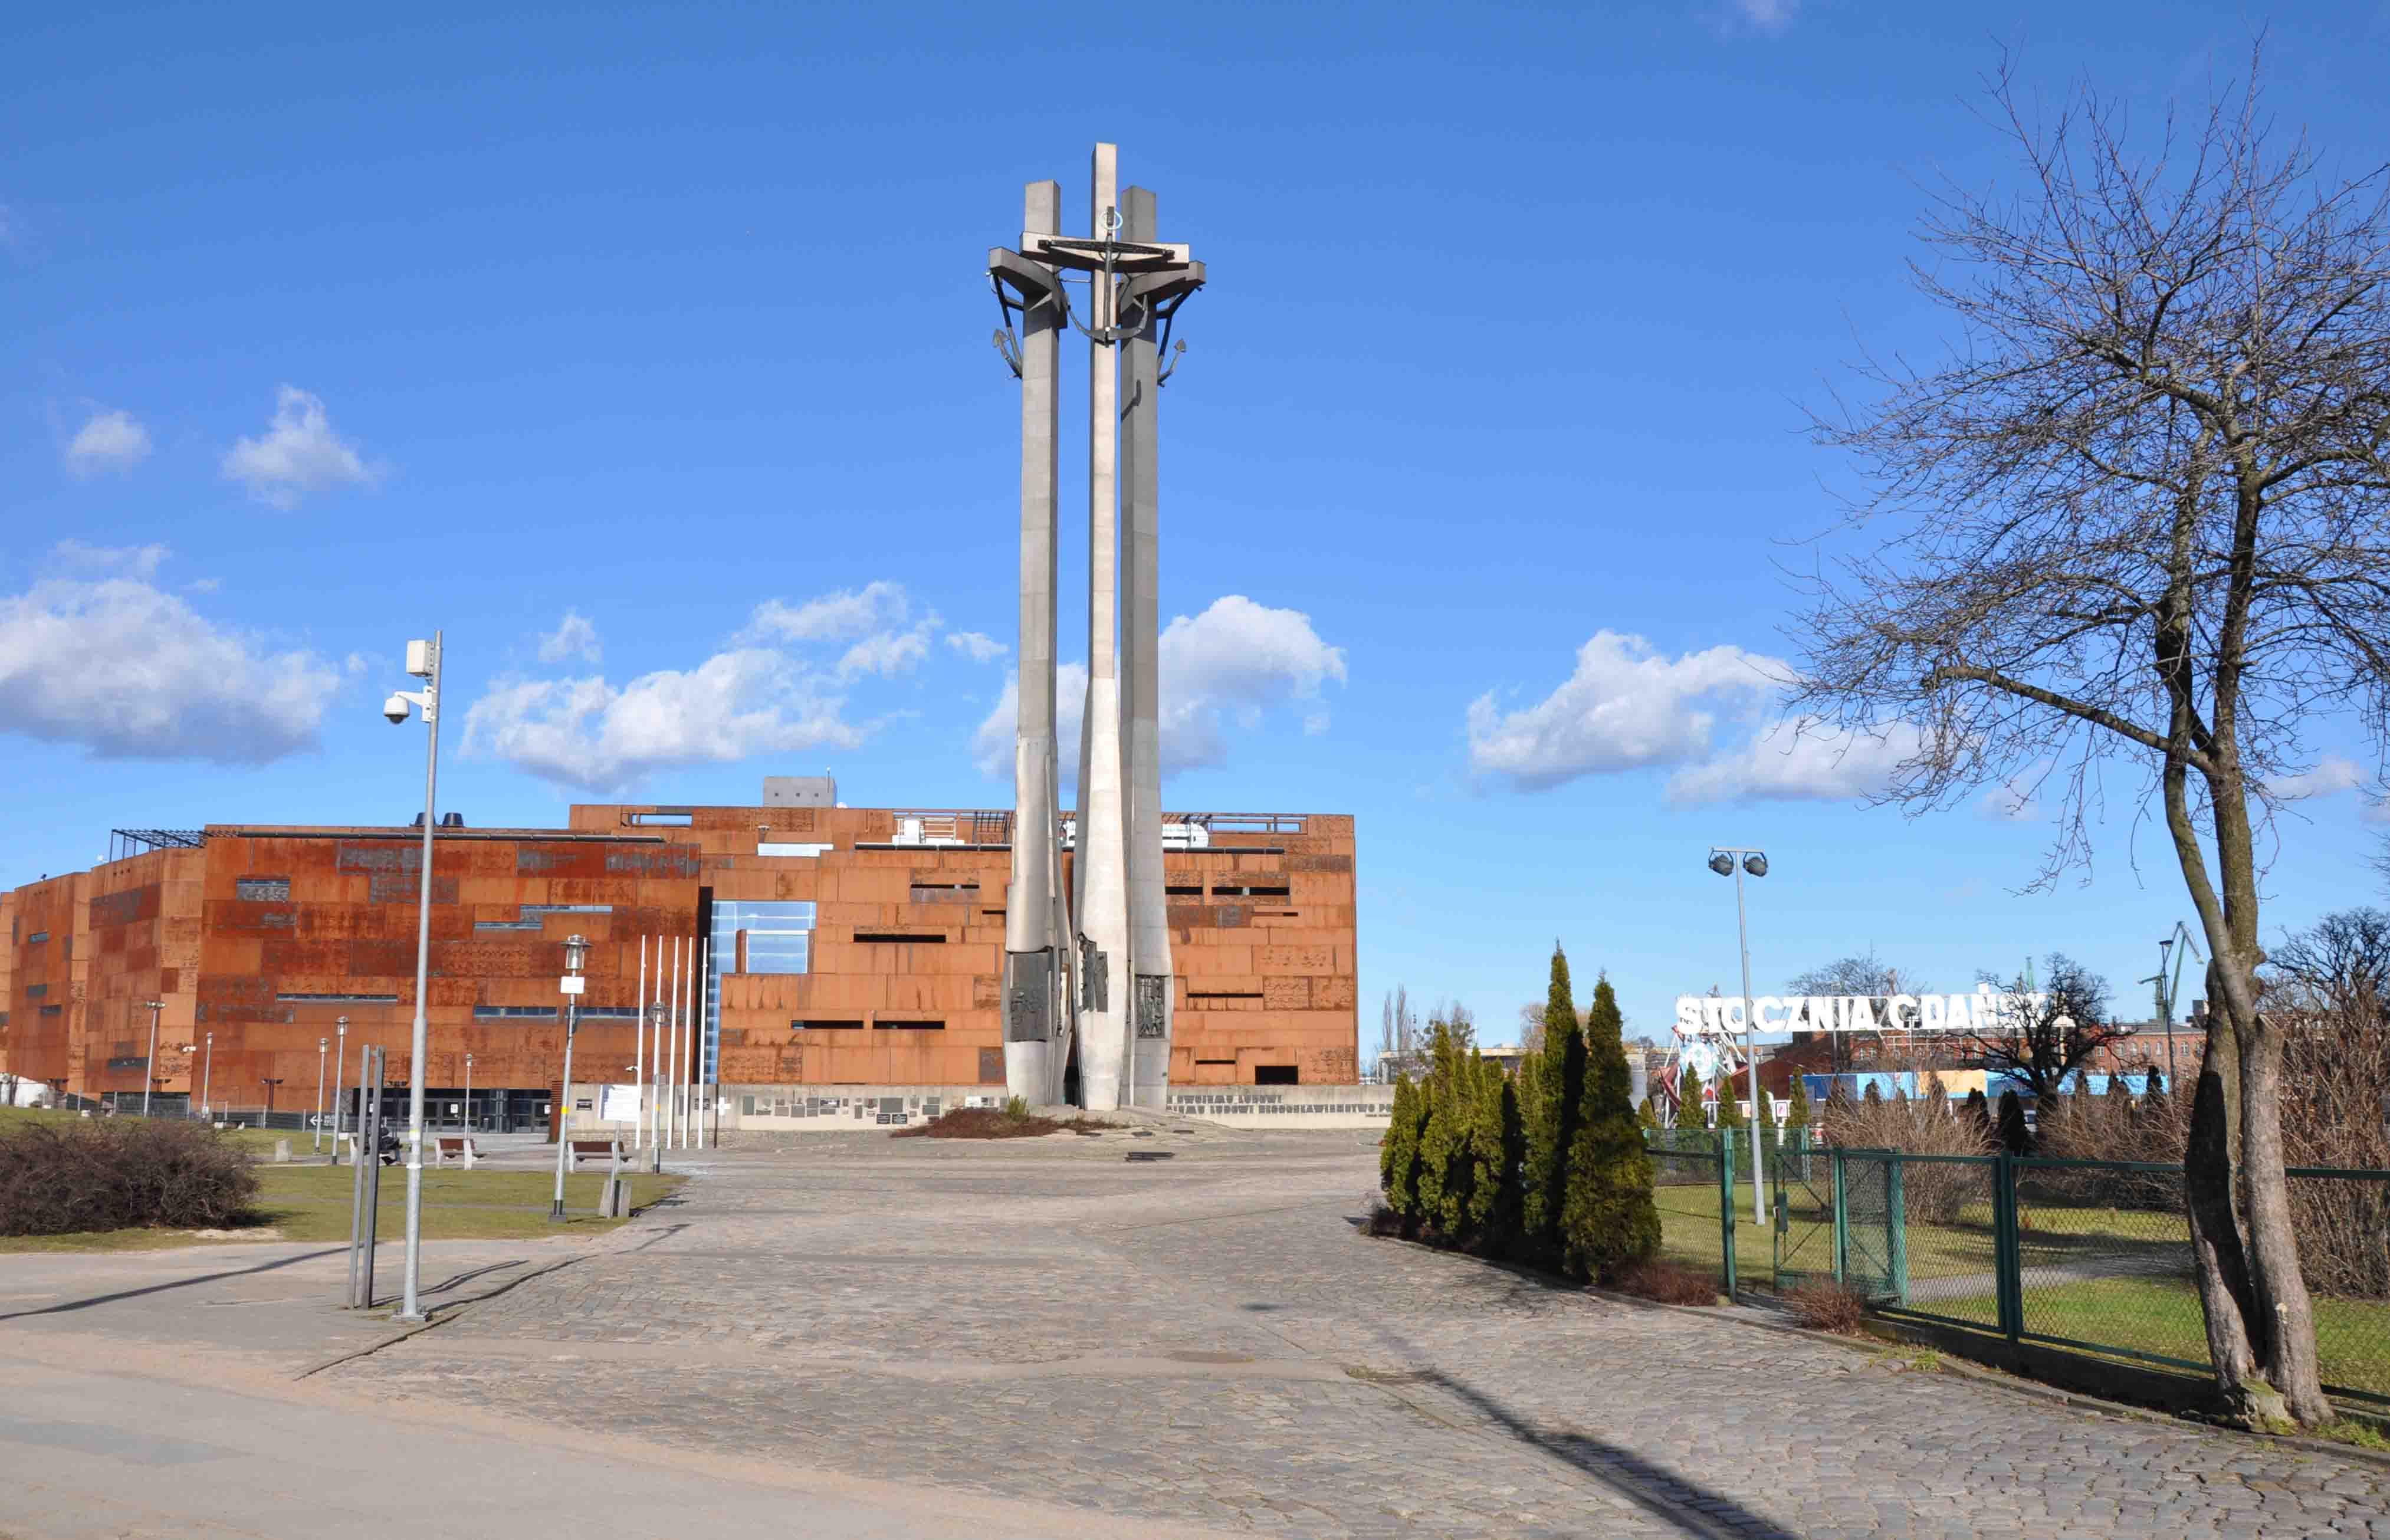 Solidarity Square in Gdansk